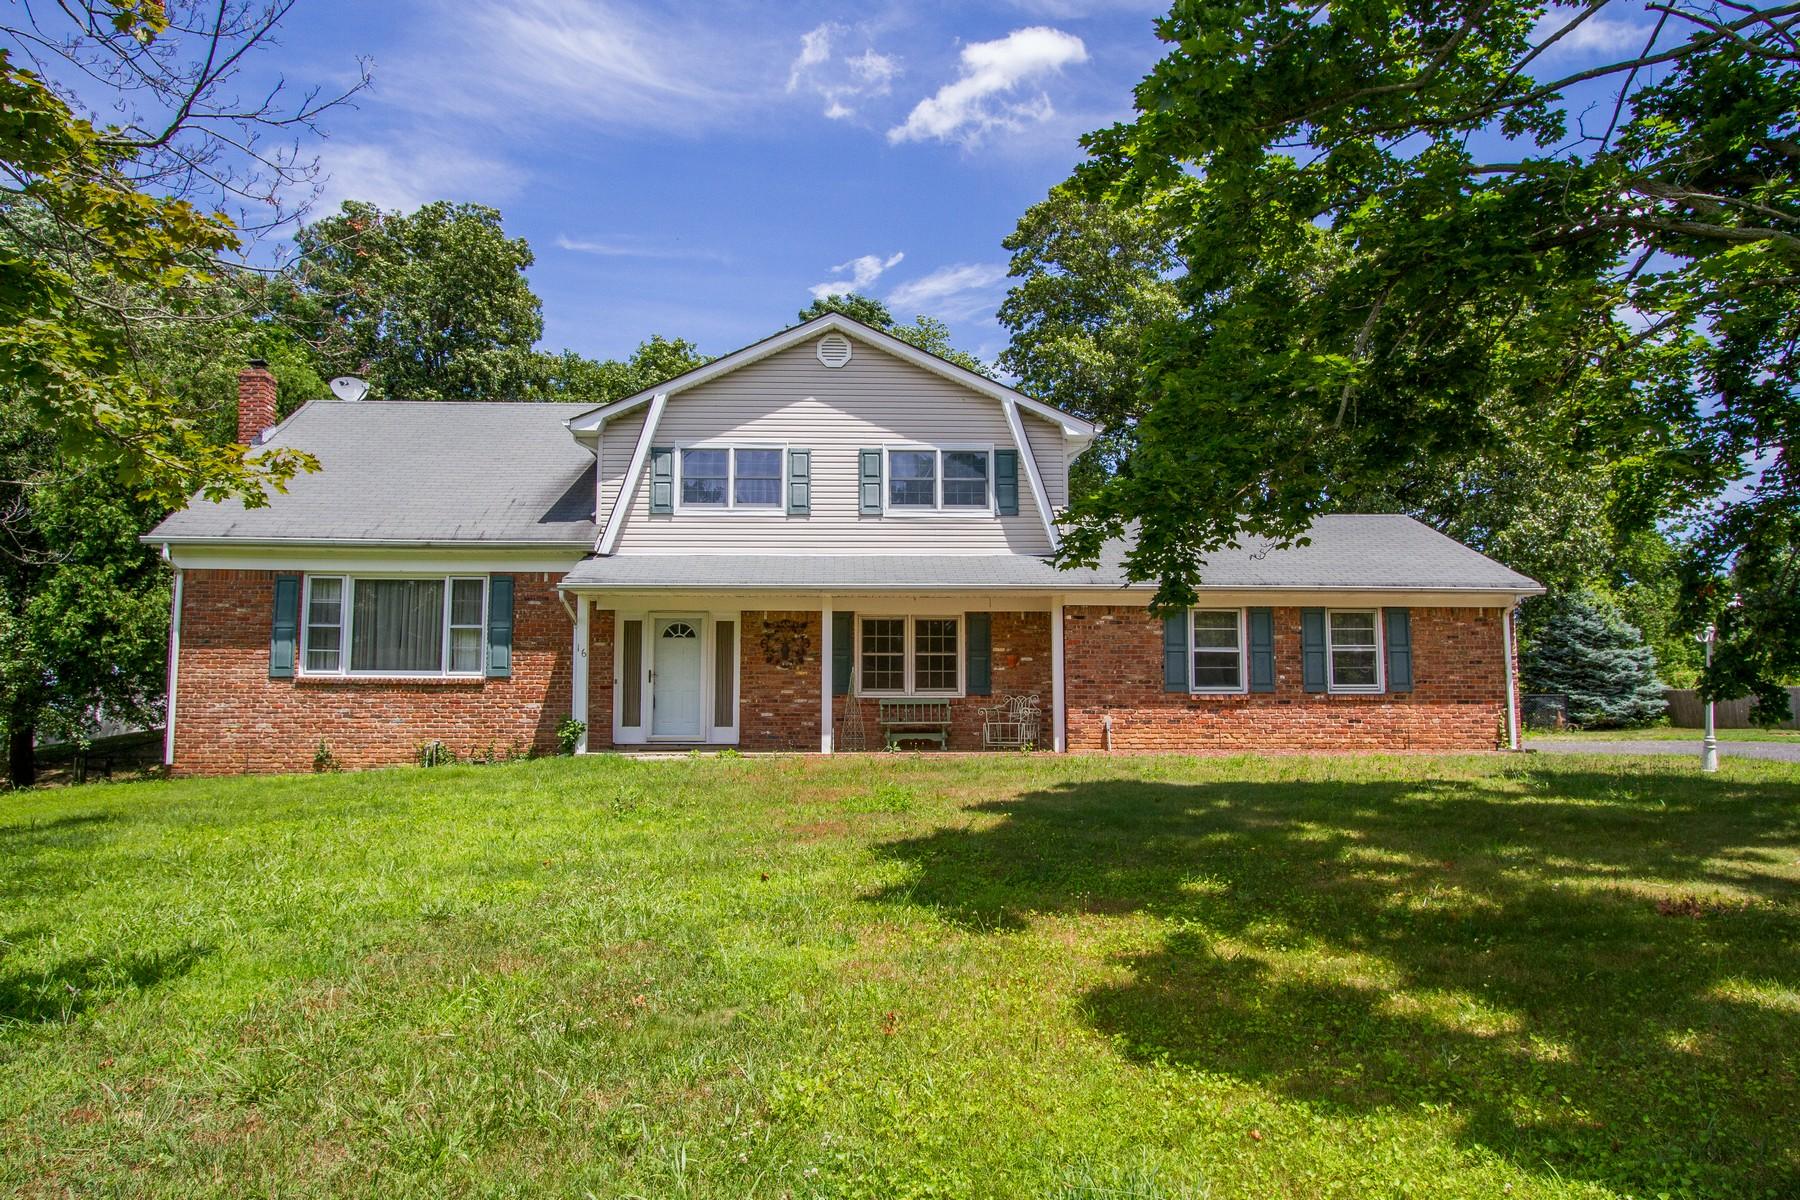 独户住宅 为 销售 在 Every home is a masterpiece 16 Koosman Drive 莱昂纳多, 新泽西州 07737 美国